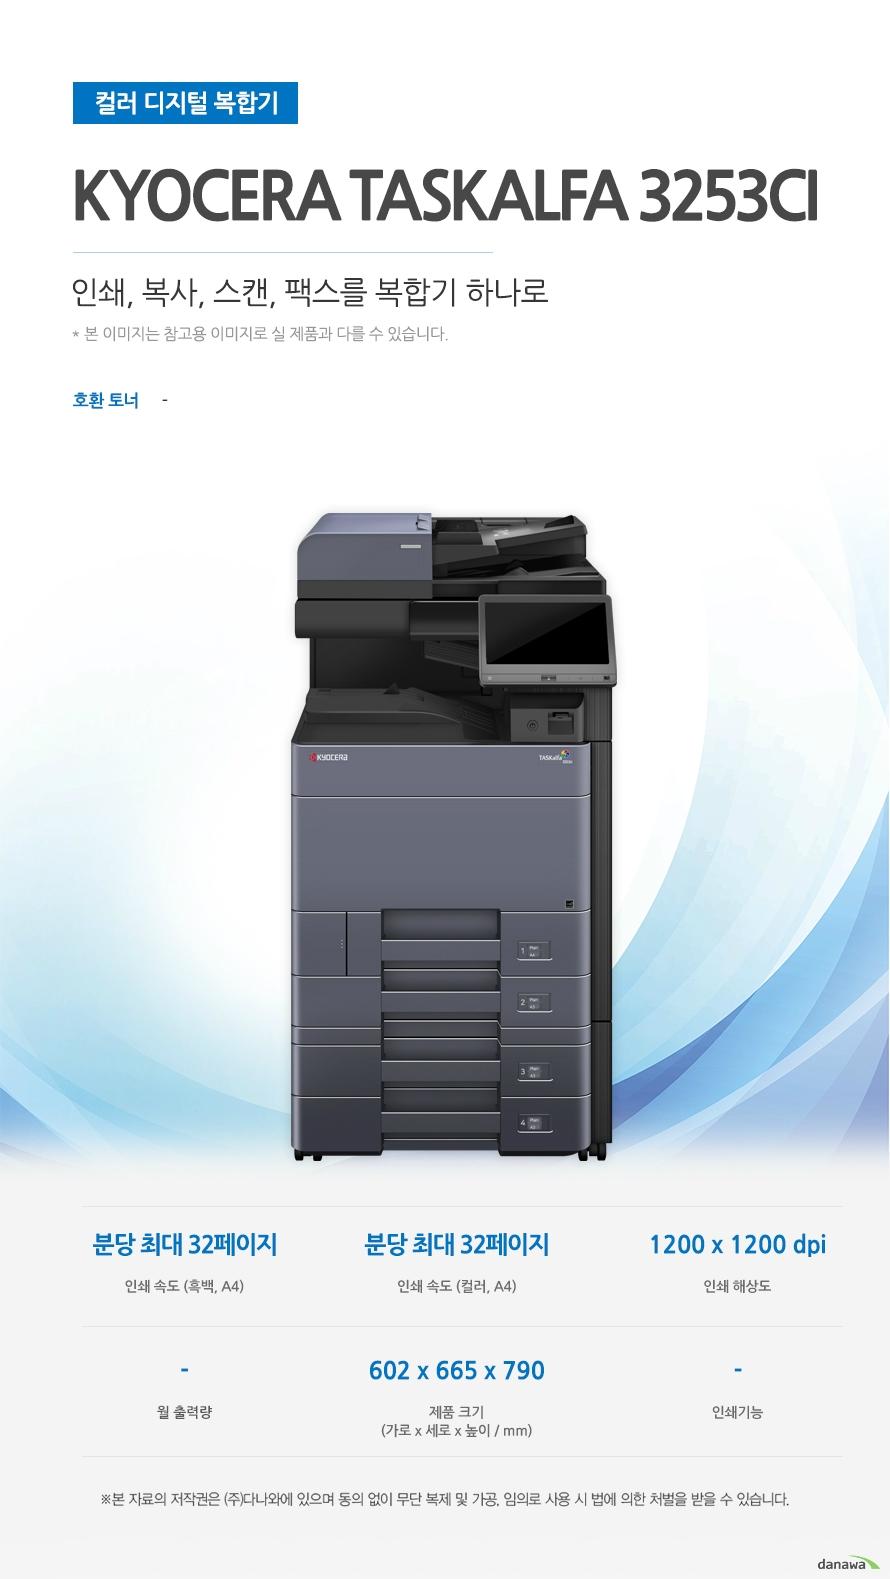 컬러 디지털 복합기Kyocera TASKalfa 3253ci (팩스/테이블 포함)  인쇄,복사.스캔, 팩스를 복합기 하나로 호환토너 - (흑백, A4) 분당 최대 32페이지 / 인쇄 속도 (컬러, A4) 분당 최대 32페이지 / 인쇄 해상도 1200 x 1200 dpi / 제품 크기 (가로 x 세로 x 높이 / mm) 602 x 665 x 790 최대 32ppm의 빠른 인쇄 속도 다양한 문서에 대한 빠른 인쇄로 가정, 학교, 사무실 등 어느 환경에서나 답답함 없이 문서를 출력하실 수 있습니다.  *ppm: pages per minute (1분에 출력하는 페이지 수)흑백 출력 속도 32ppm / 컬러 출력 속도32ppm / 흑백 첫 장 인쇄 5.9초 / 컬러 첫 장 인쇄 7.7초 효율적인 용지급지 용지함을 한 번 채워 넣으면 용지를 자주 채워줄 필요 없이 오랫 동안 사용할 수 있어, 업무 중 불필요한 시간 낭비를 줄여줍니다. *최대 용지함 개수와 최대 급지용량은 기본 장착이 아닙니다. 제품 구매 전 옵션 사항을 확인하세요.최대 용지함(옵션) 4단 용지함 기본 급지 용량 1,150매 최대 급지 용량  7,150매 어느 공간에나 어울리는 컴팩트한 사이즈 컴팩트한 사이즈로 다양한 환경에서 부담없이 설치하고 효율적으로 배치시킬 수 있습니다. 602 x 665 x 790mm 가로 x 세로 x 높이 사무환경에 맞는 인쇄, 복사, 스캔 및 팩스기능 인쇄, 복사, 스캔 및 팩스 기능을 결합하여 불필요한 시간 절약은 물론, 더욱 효율적인 처리가 가능합니다. *팩스의 경우 기본장착이 아닙니다. 제품 구매 전 옵션 사항을 확인 하세요.